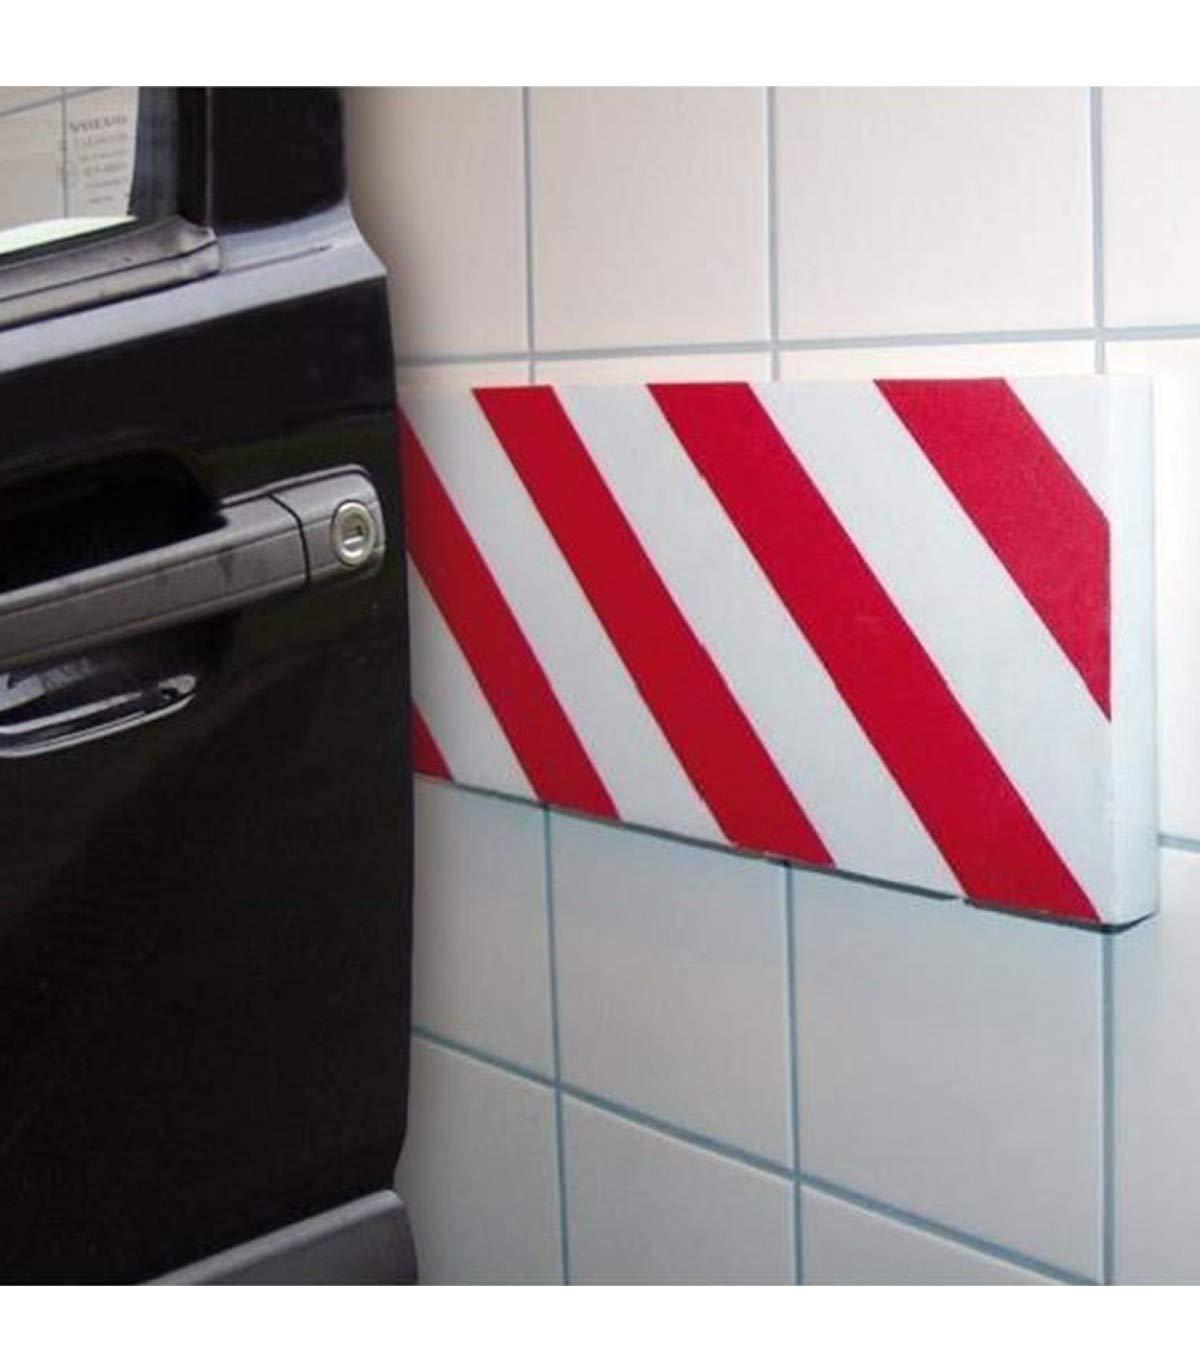 TrAdE shop Traesio Pannello Adesivo SEGNALETICO per Auto E Moto PARAURTI SALVAPORTA Garage Box